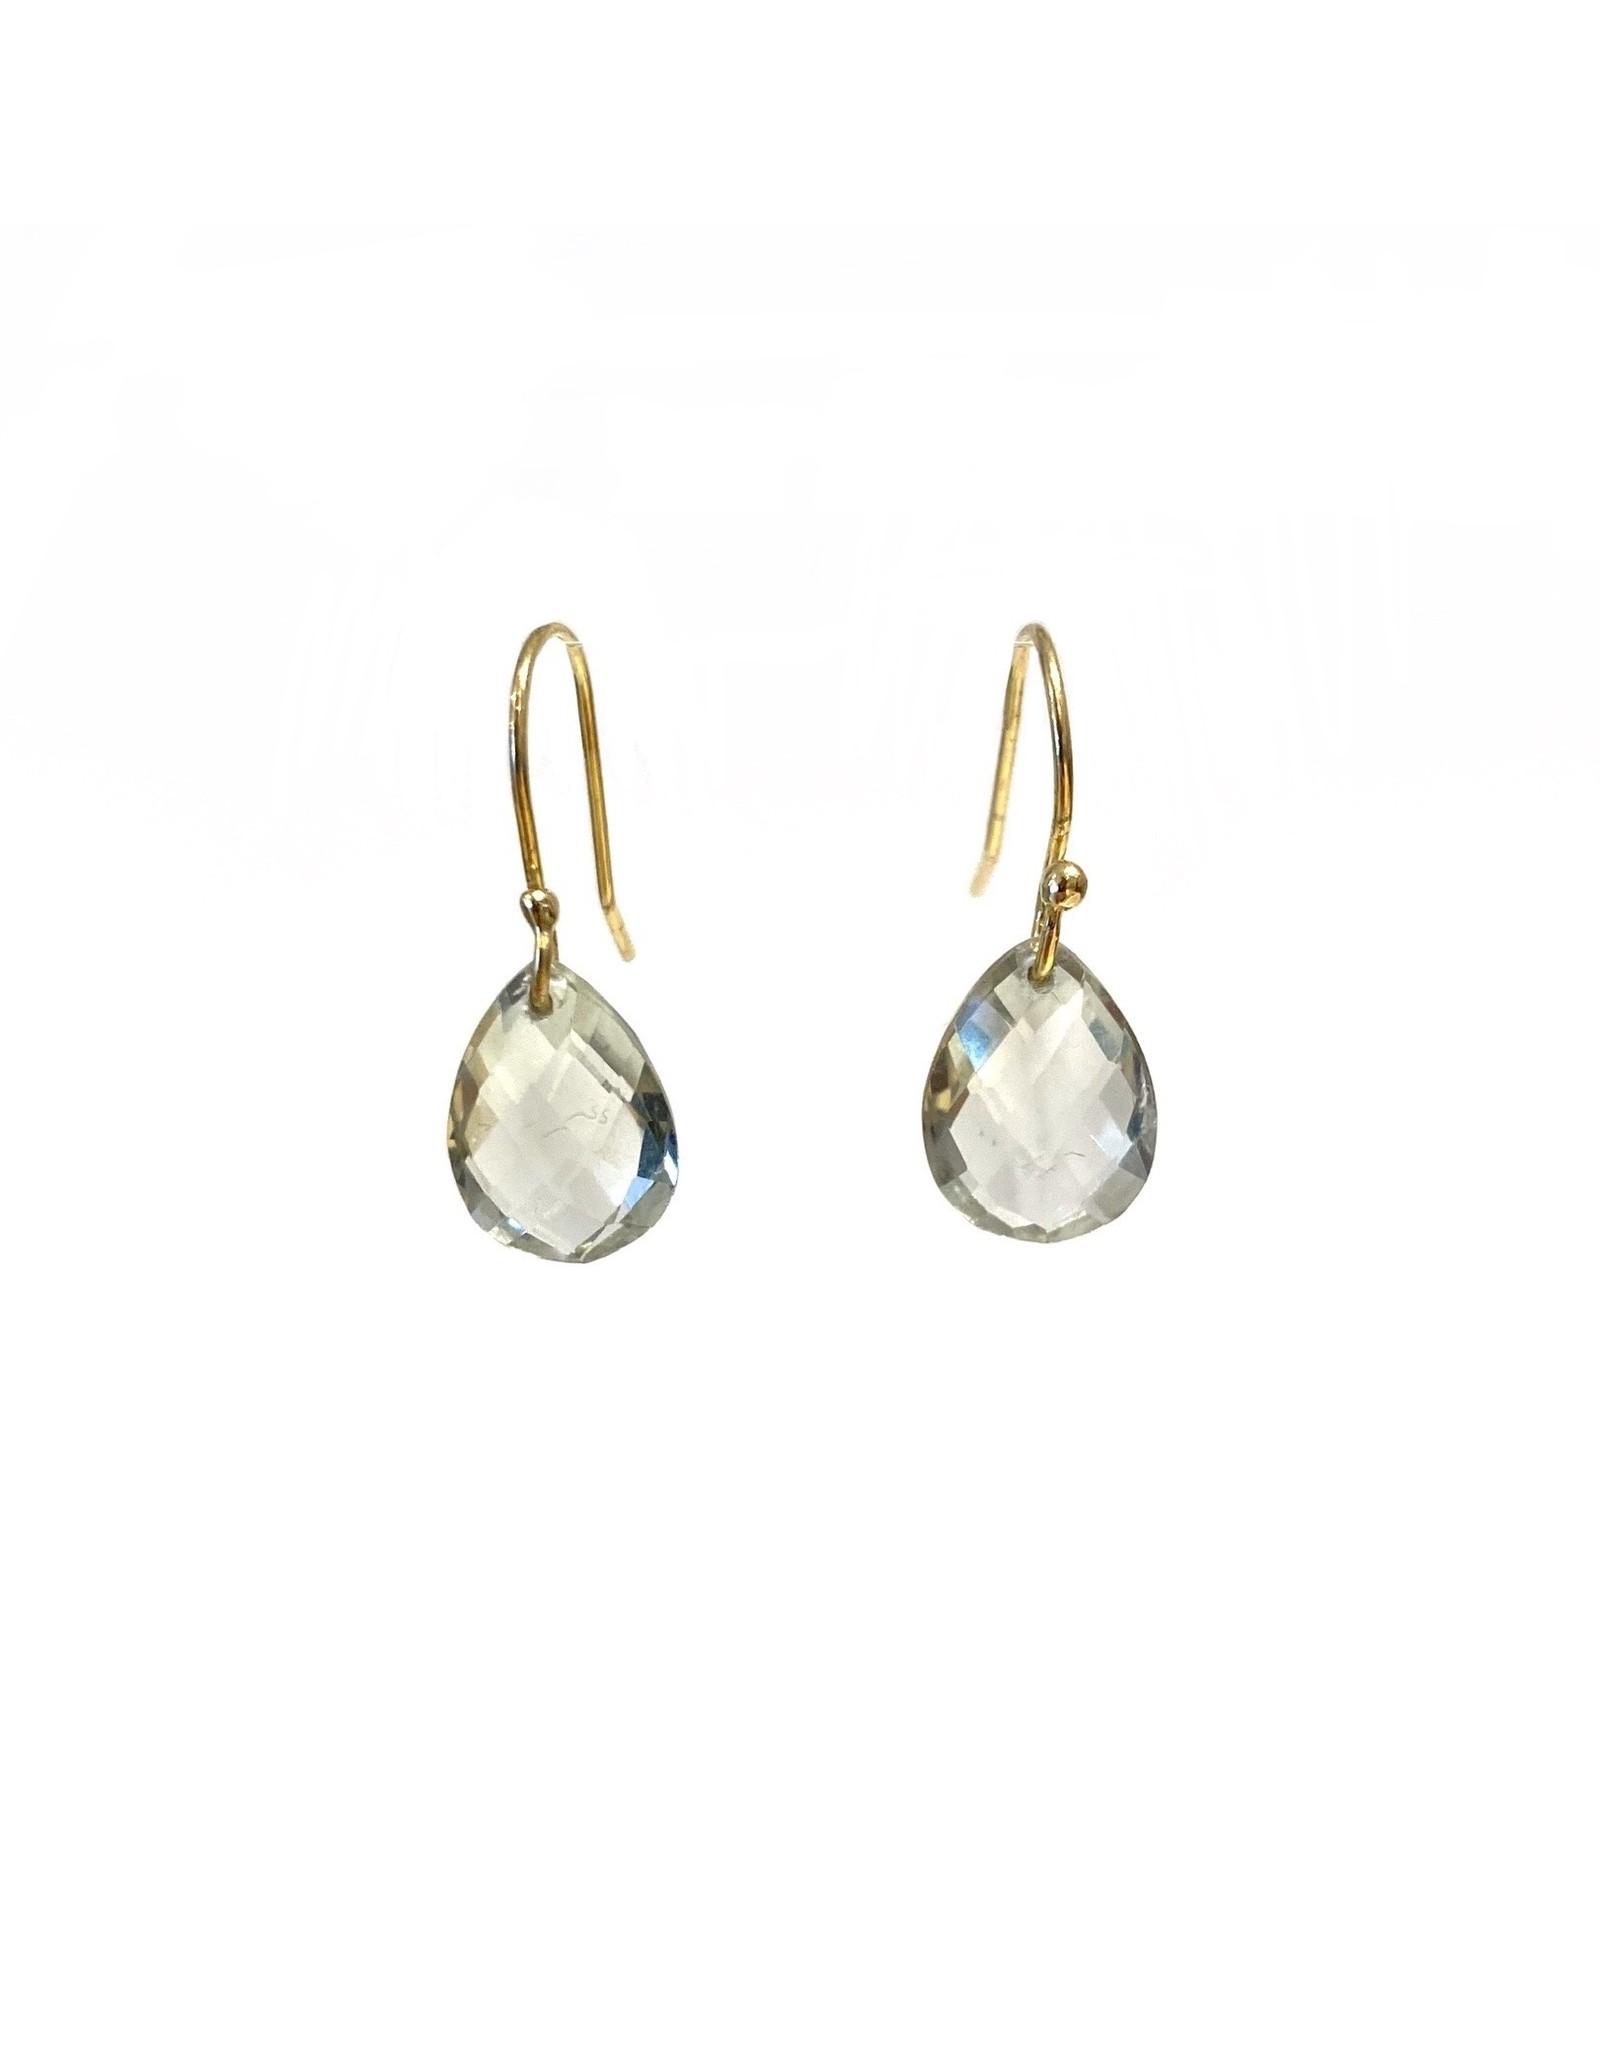 Bo Gold Earrings - Gold - Green Amethyst